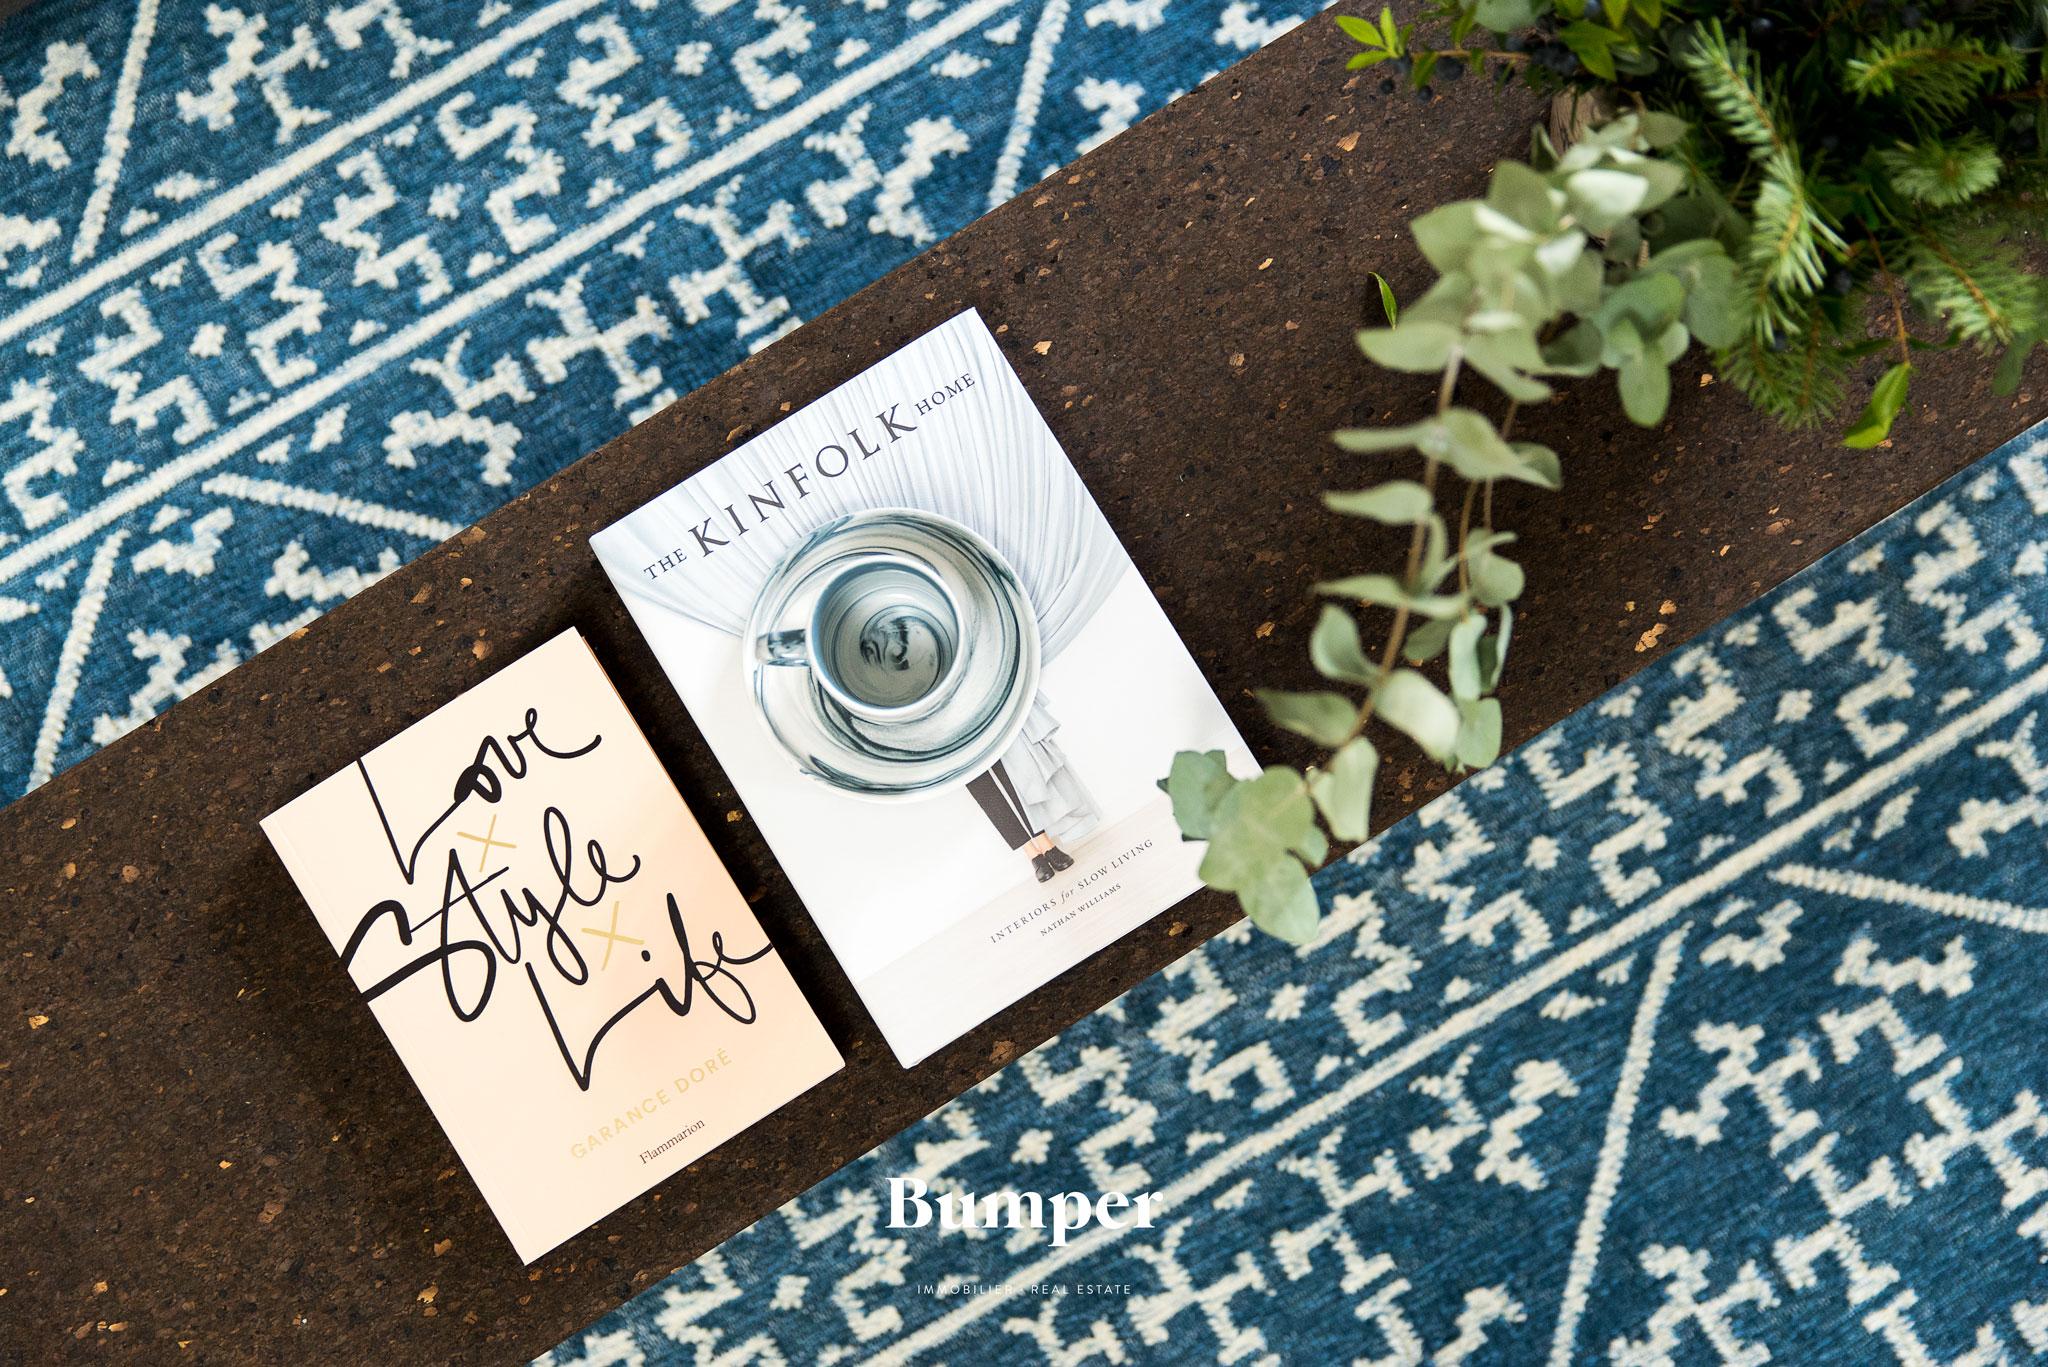 bumper-lyon-france-homestaging-decoration-architecte-immobilier-design-lifestyle-appartement-investissement-achat-vente-location-